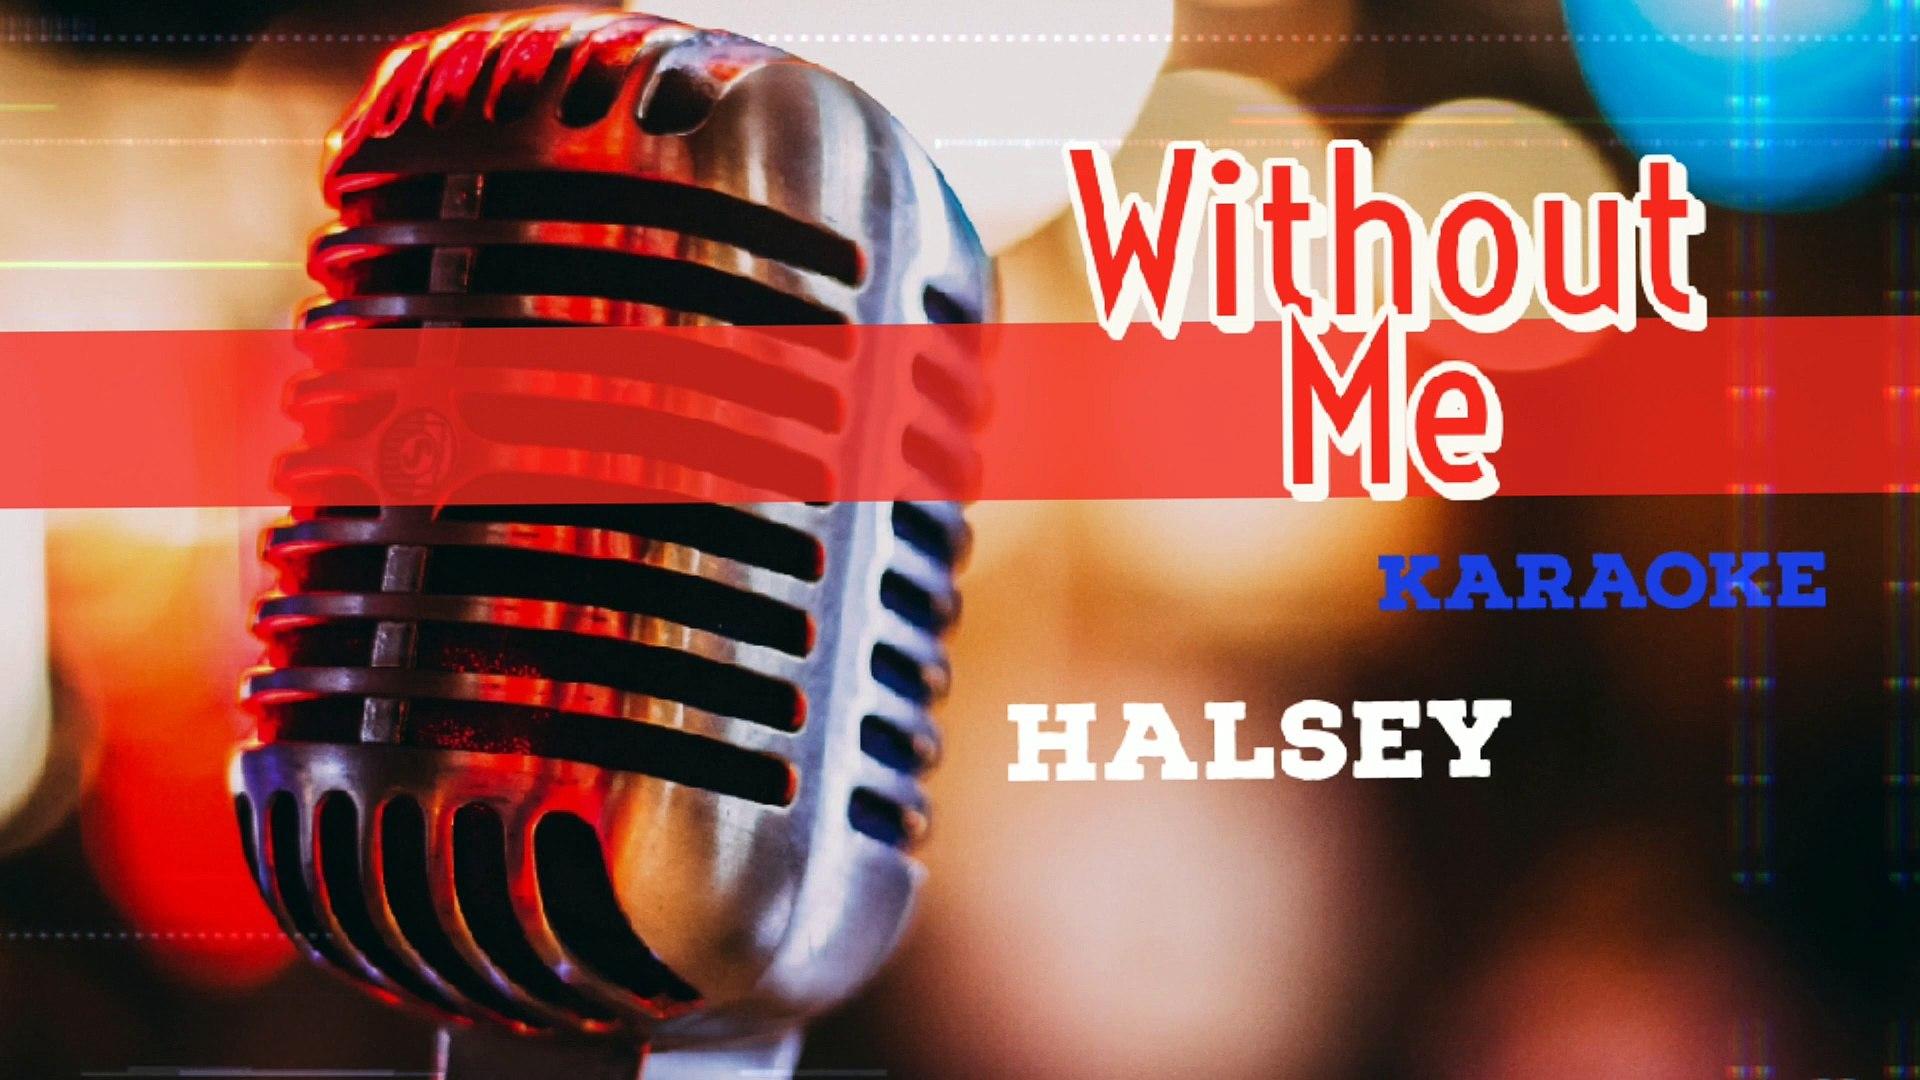 Without Me - Halsey (Karaoke)